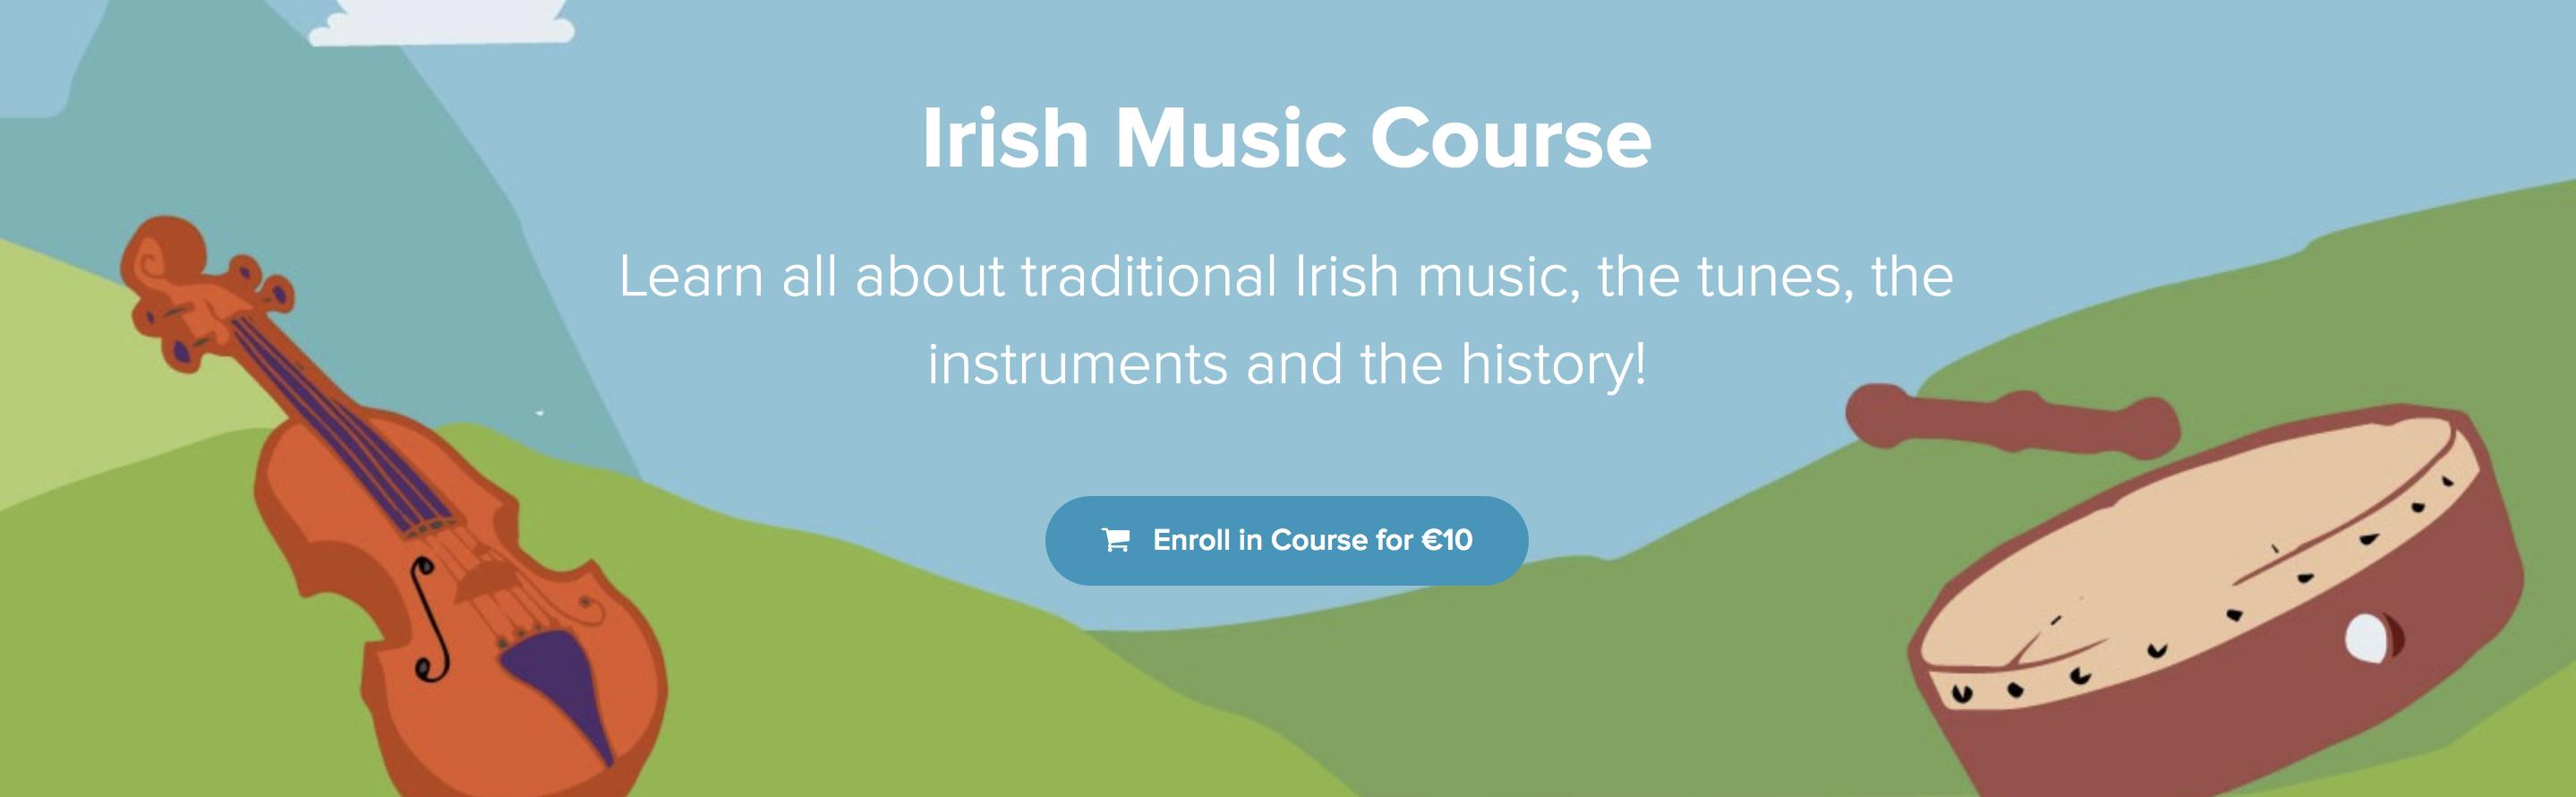 DabbledooMusic Irish Course